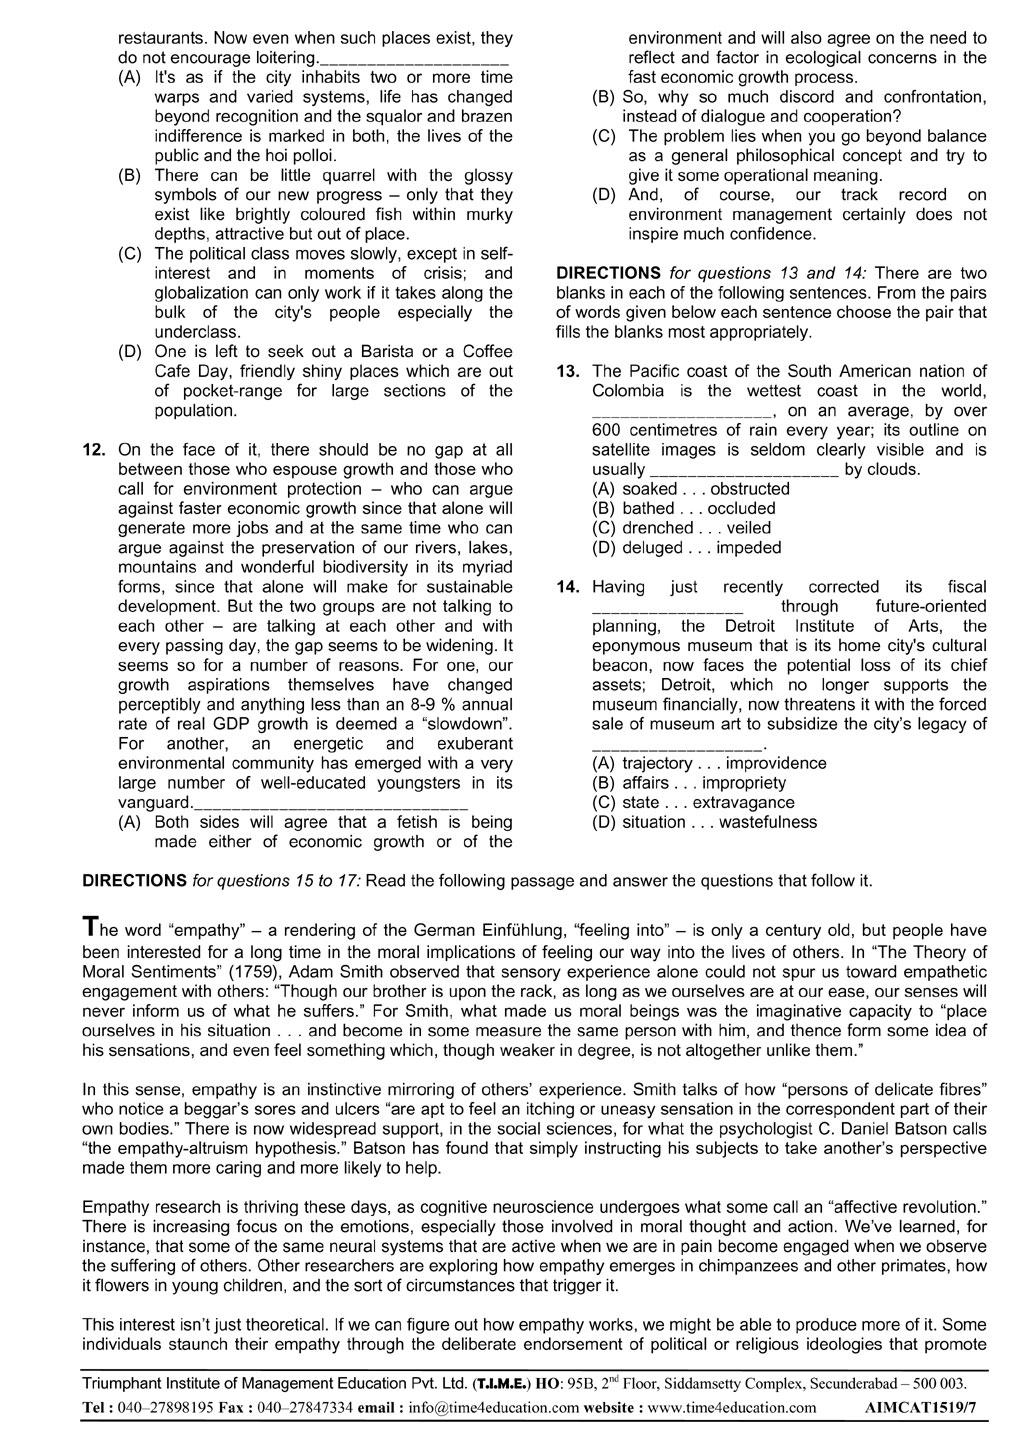 AIMCAT1519_Page-7 jpg